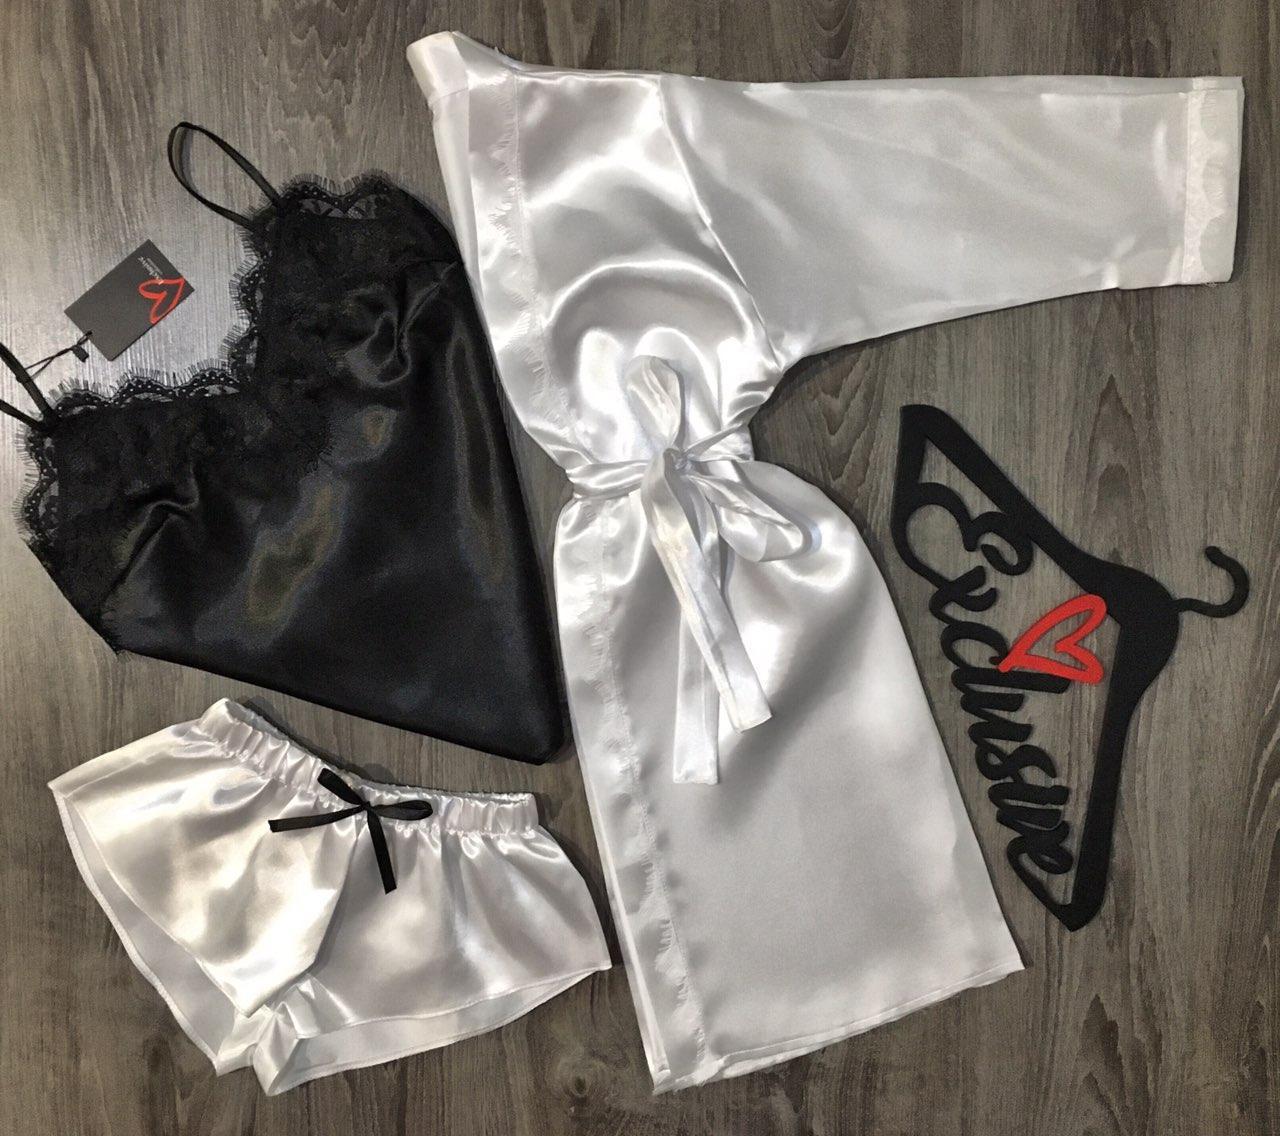 Белый халат+пижама набор одежды для сна и дома.